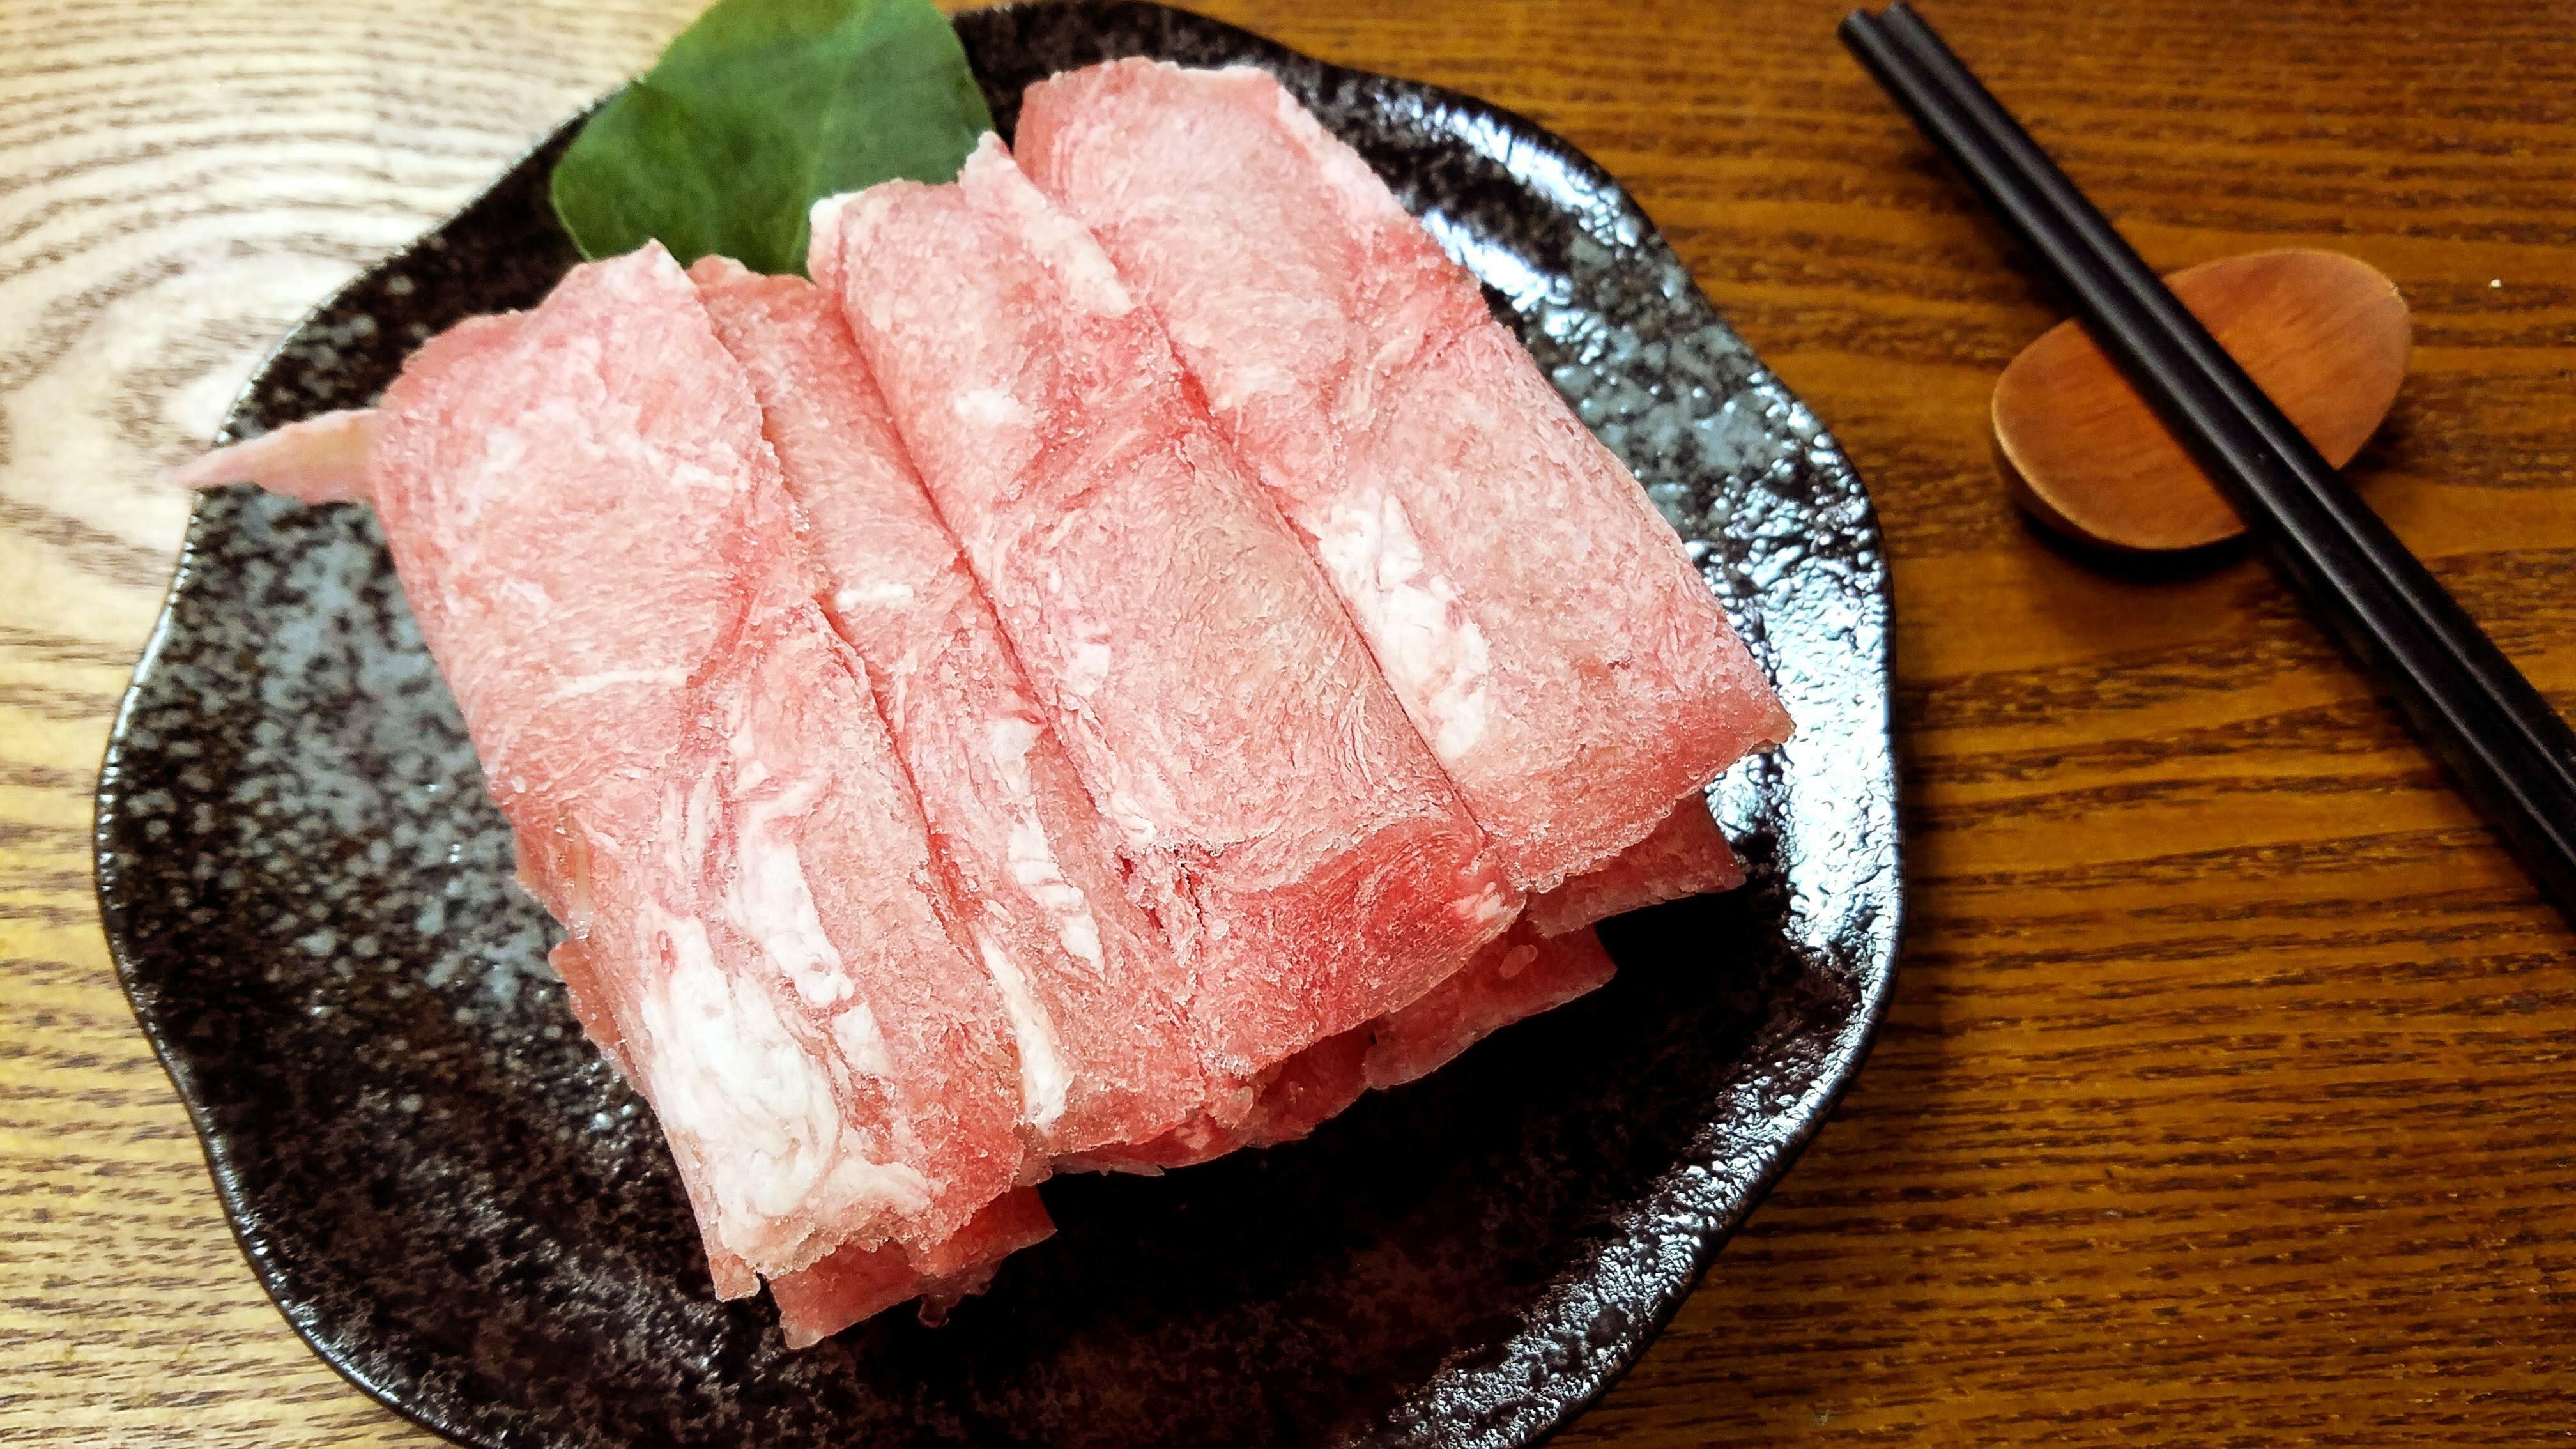 牛肉片-【利津食品行】火鍋料 關東煮 肉片 牛肉 冷凍食品